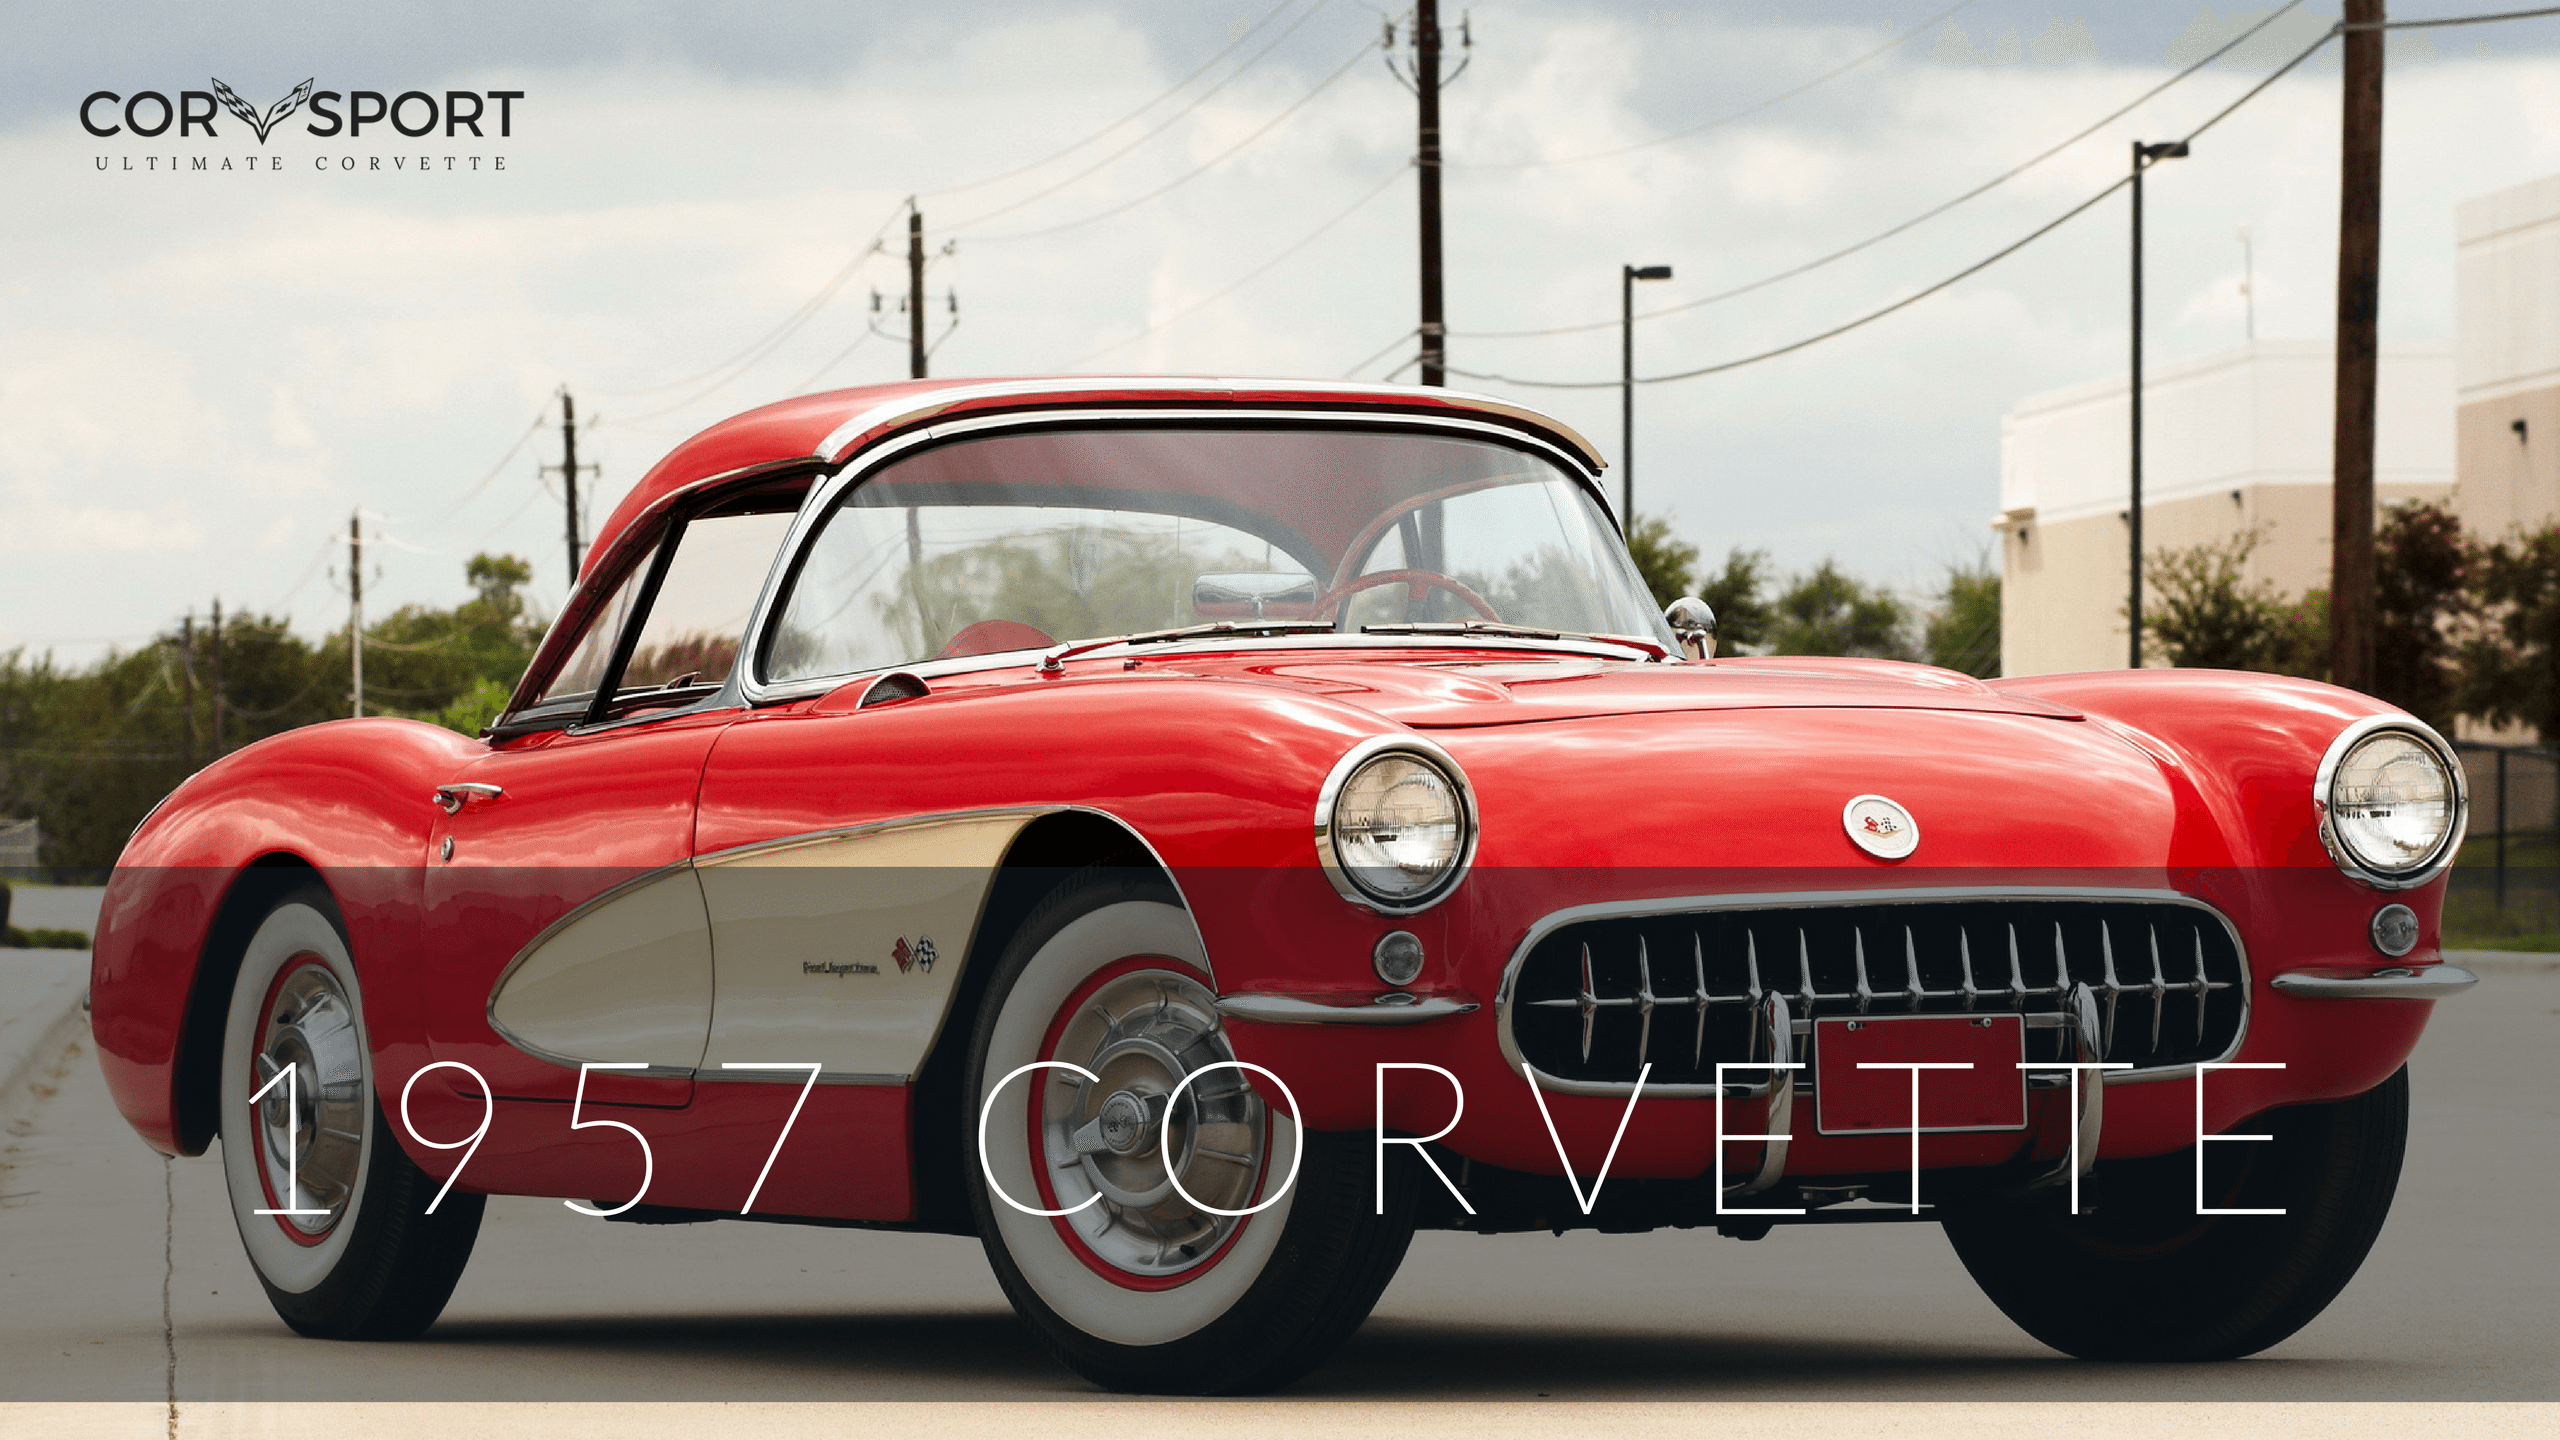 Corvette Models Full List of Chevrolet Corvette Models & Years